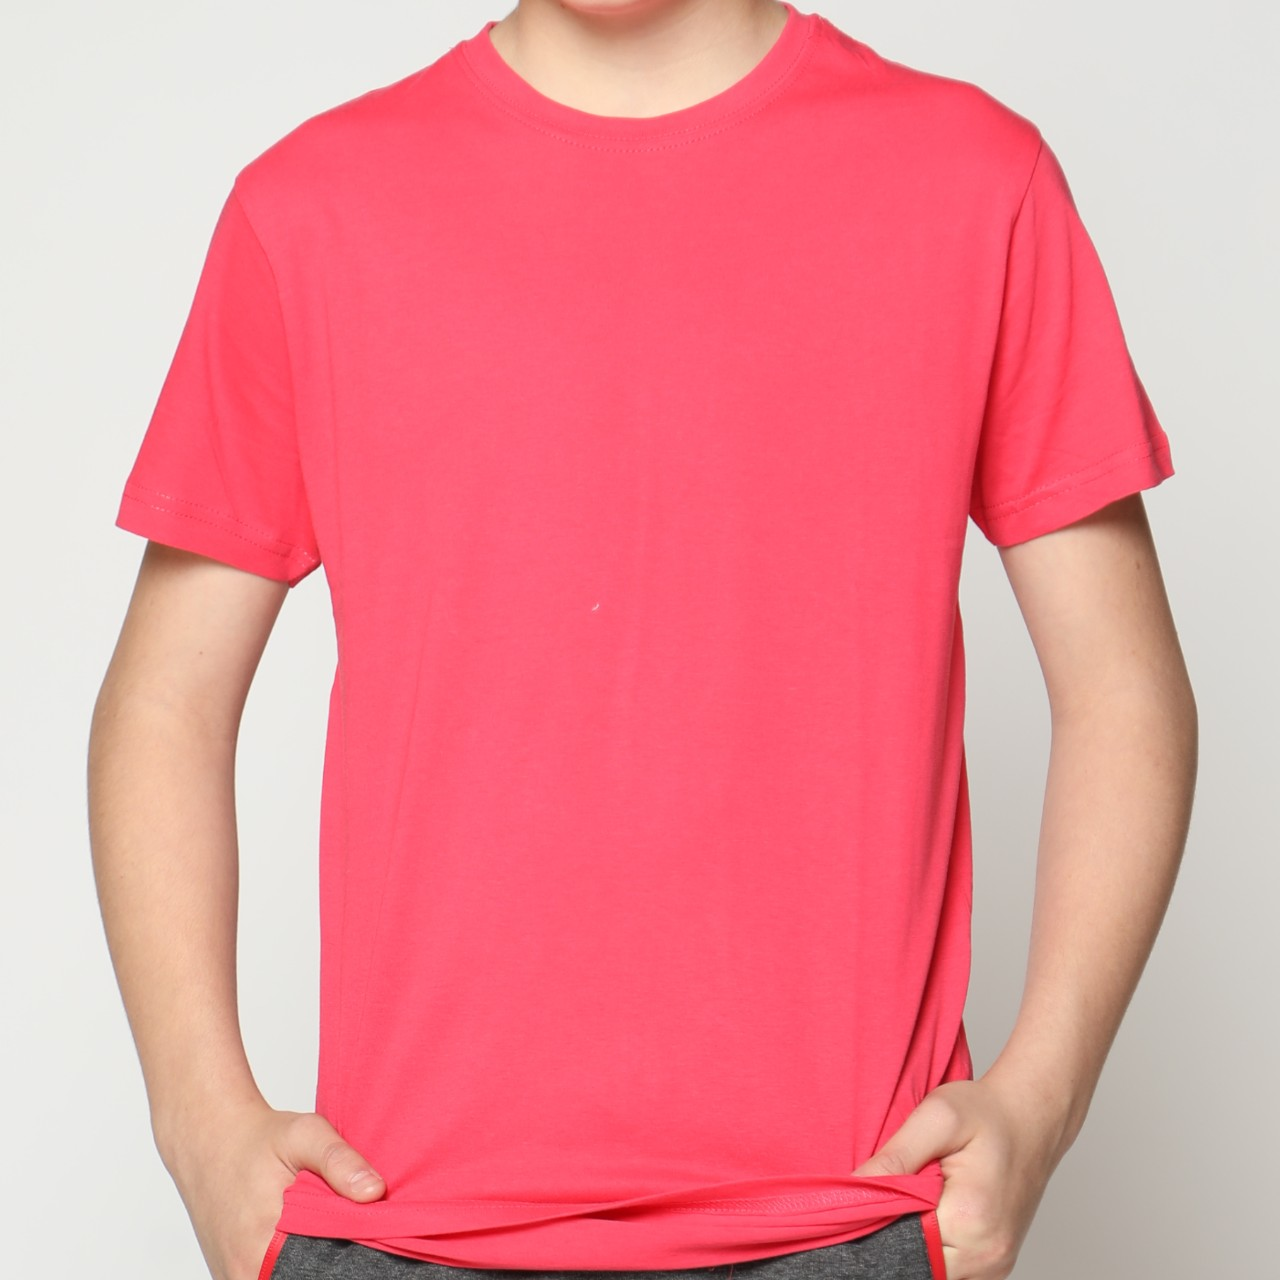 חולצת בית ספר בנים ניקי צבעוני